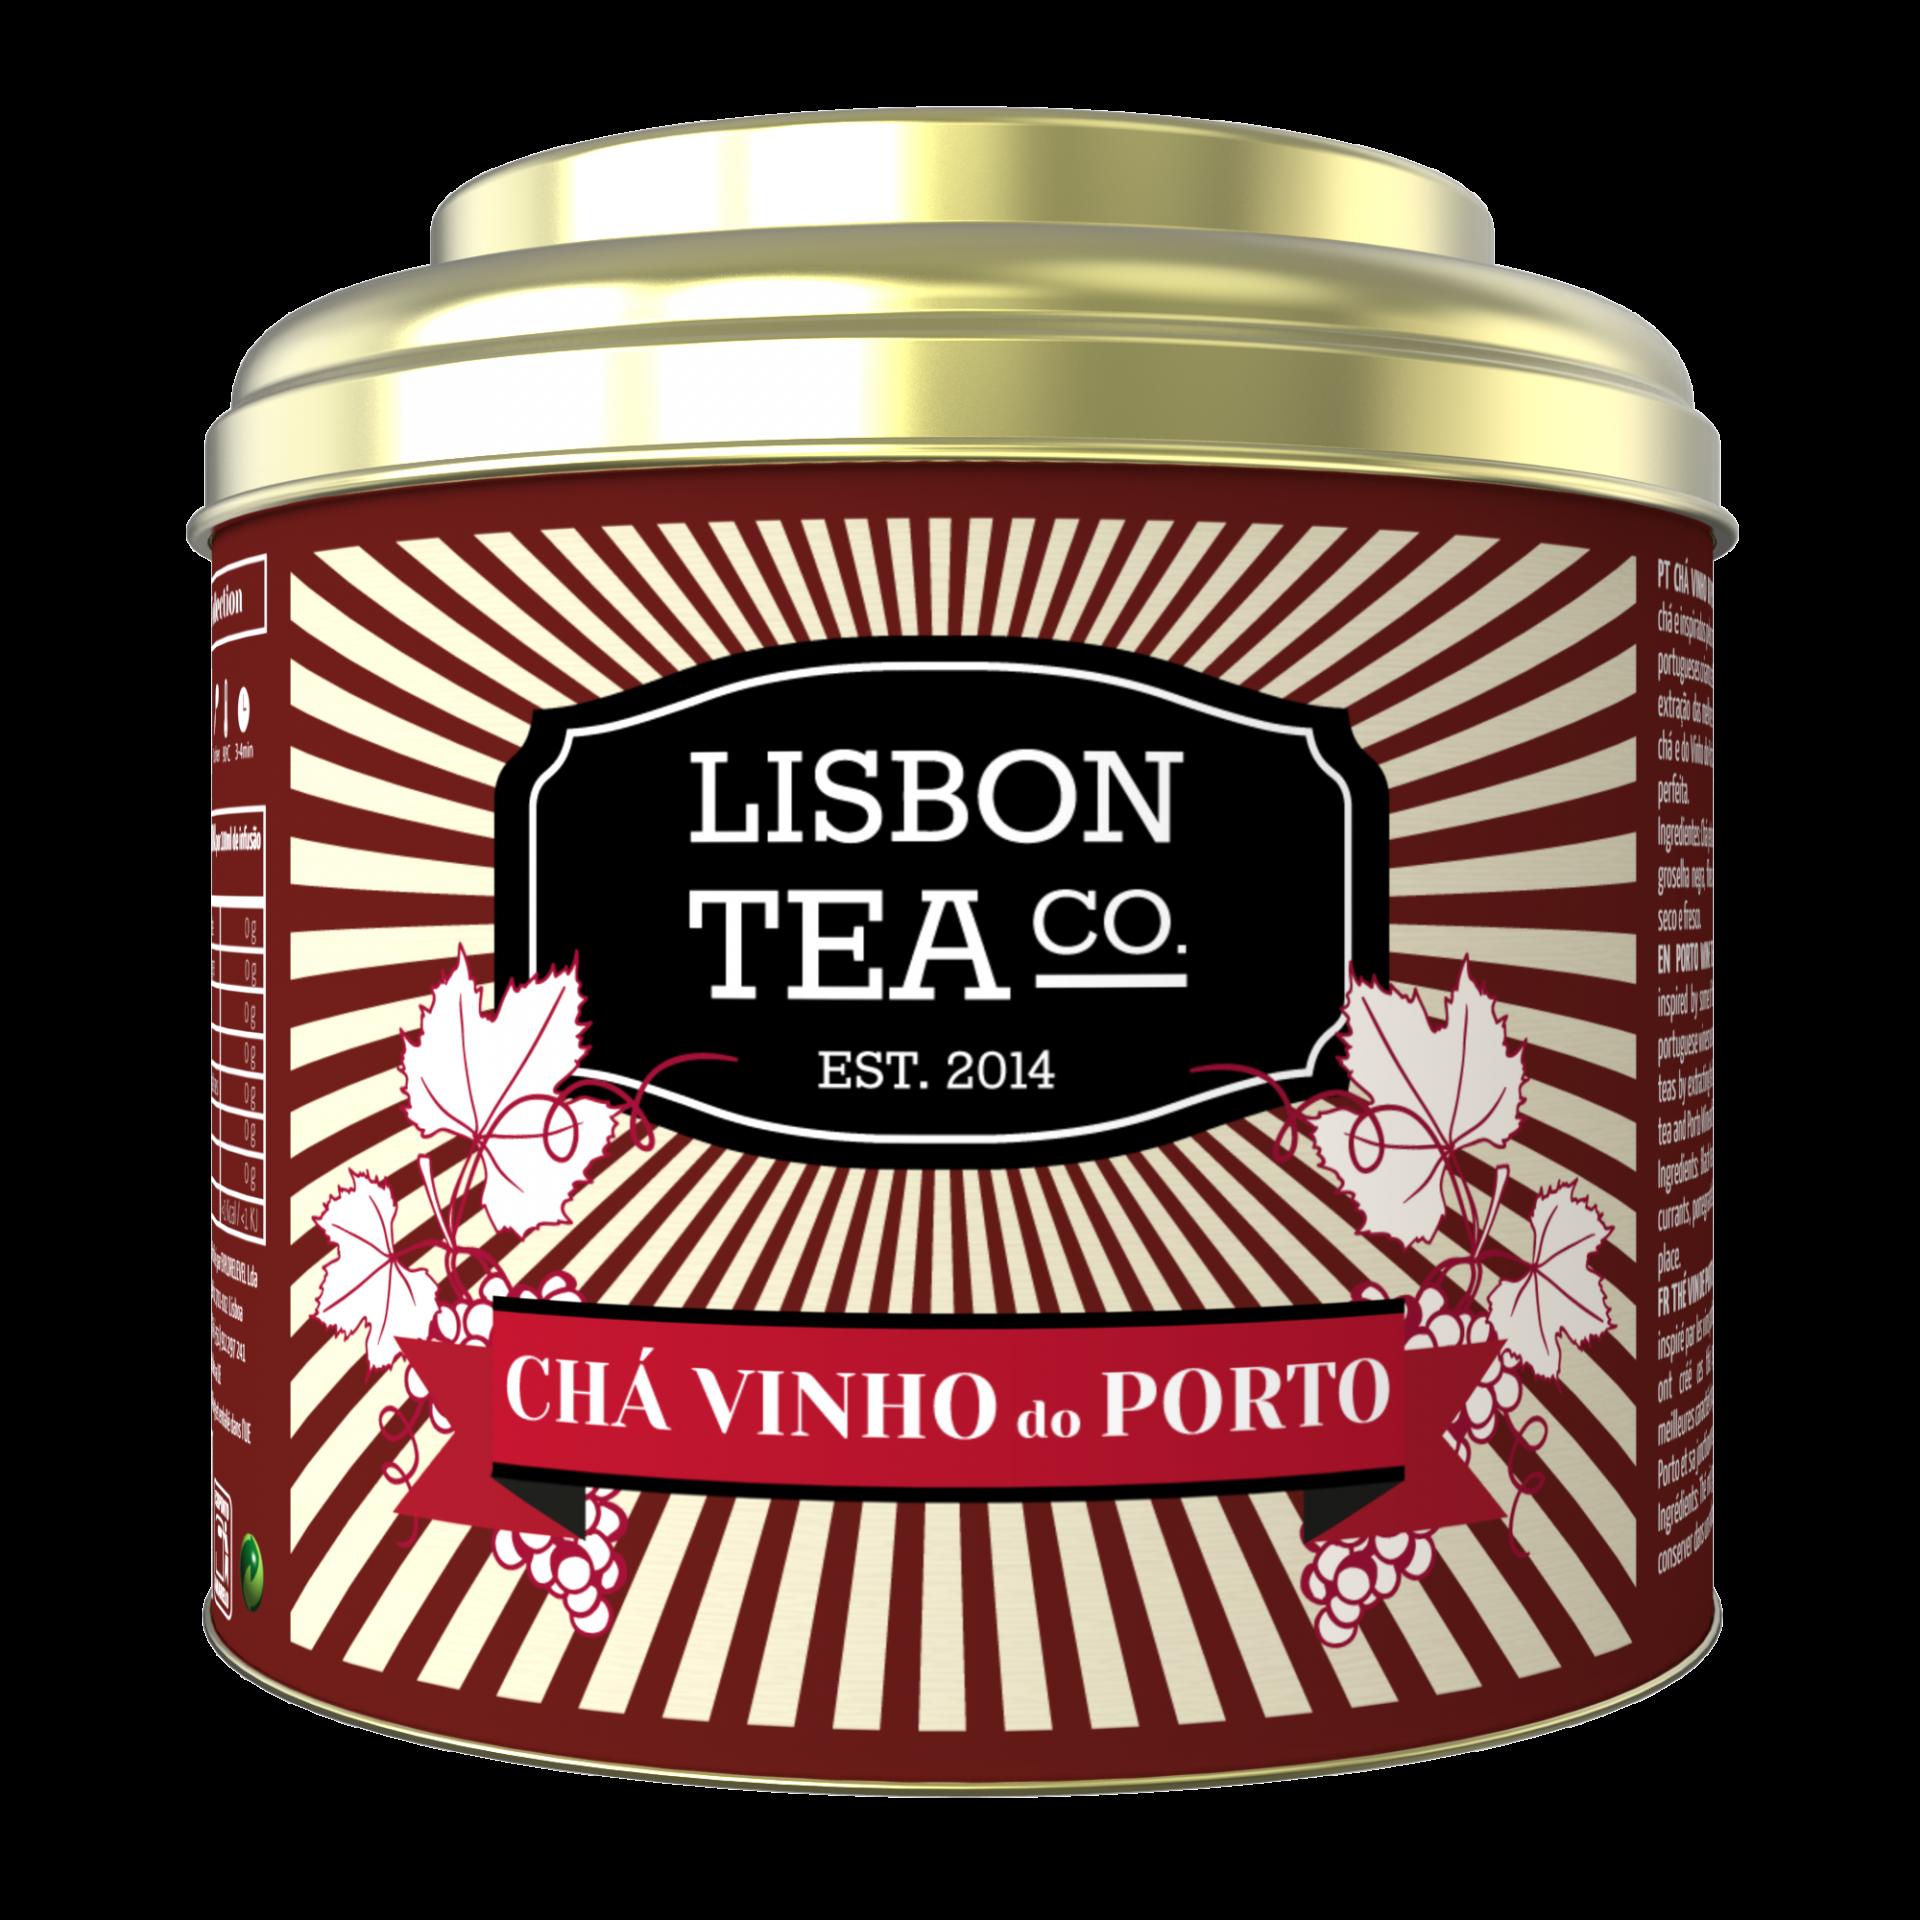 Lisbon Tea Vinho do Porto Chá